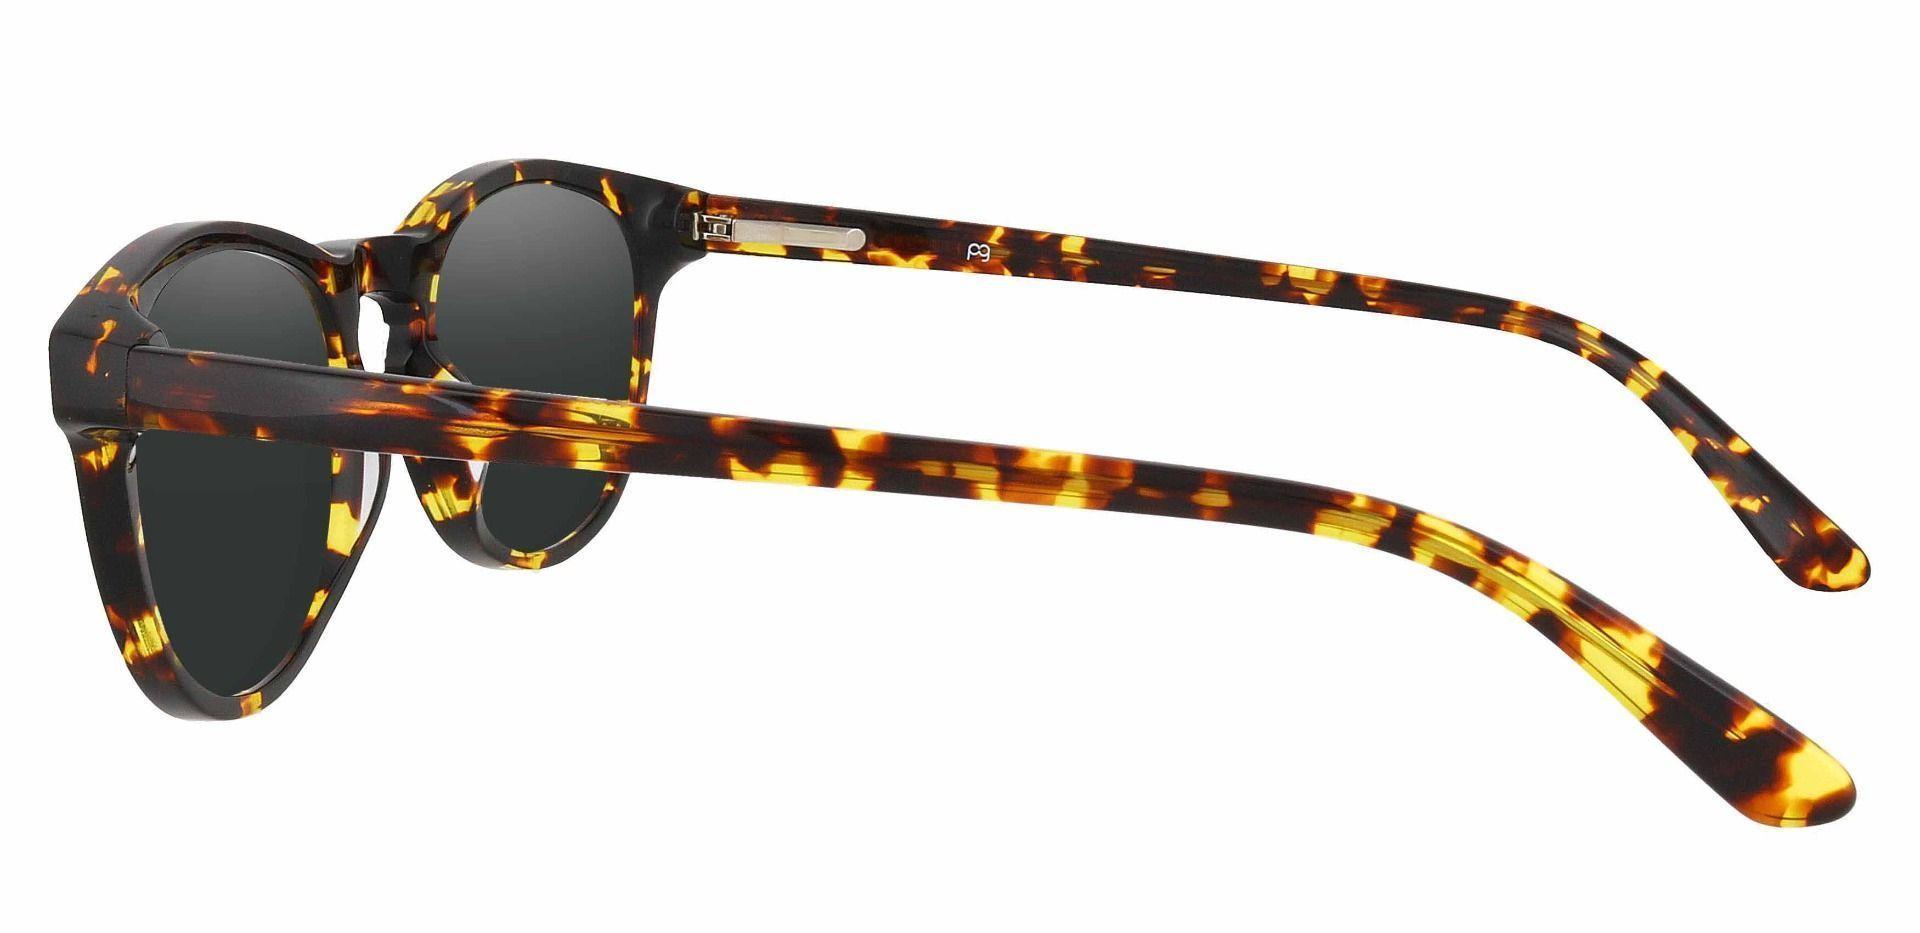 Laguna Oval Prescription Sunglasses - Tortoise Frame With Gray Lenses